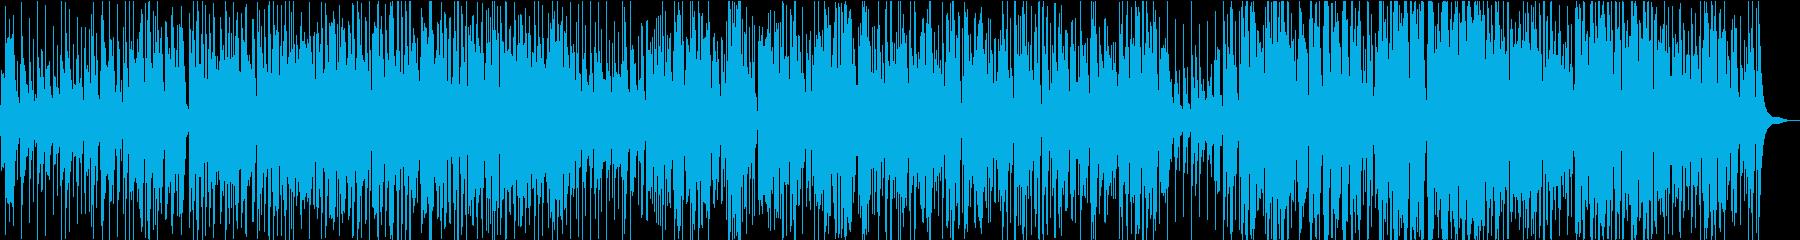 トランペットが印象的なゆったりジャズの再生済みの波形